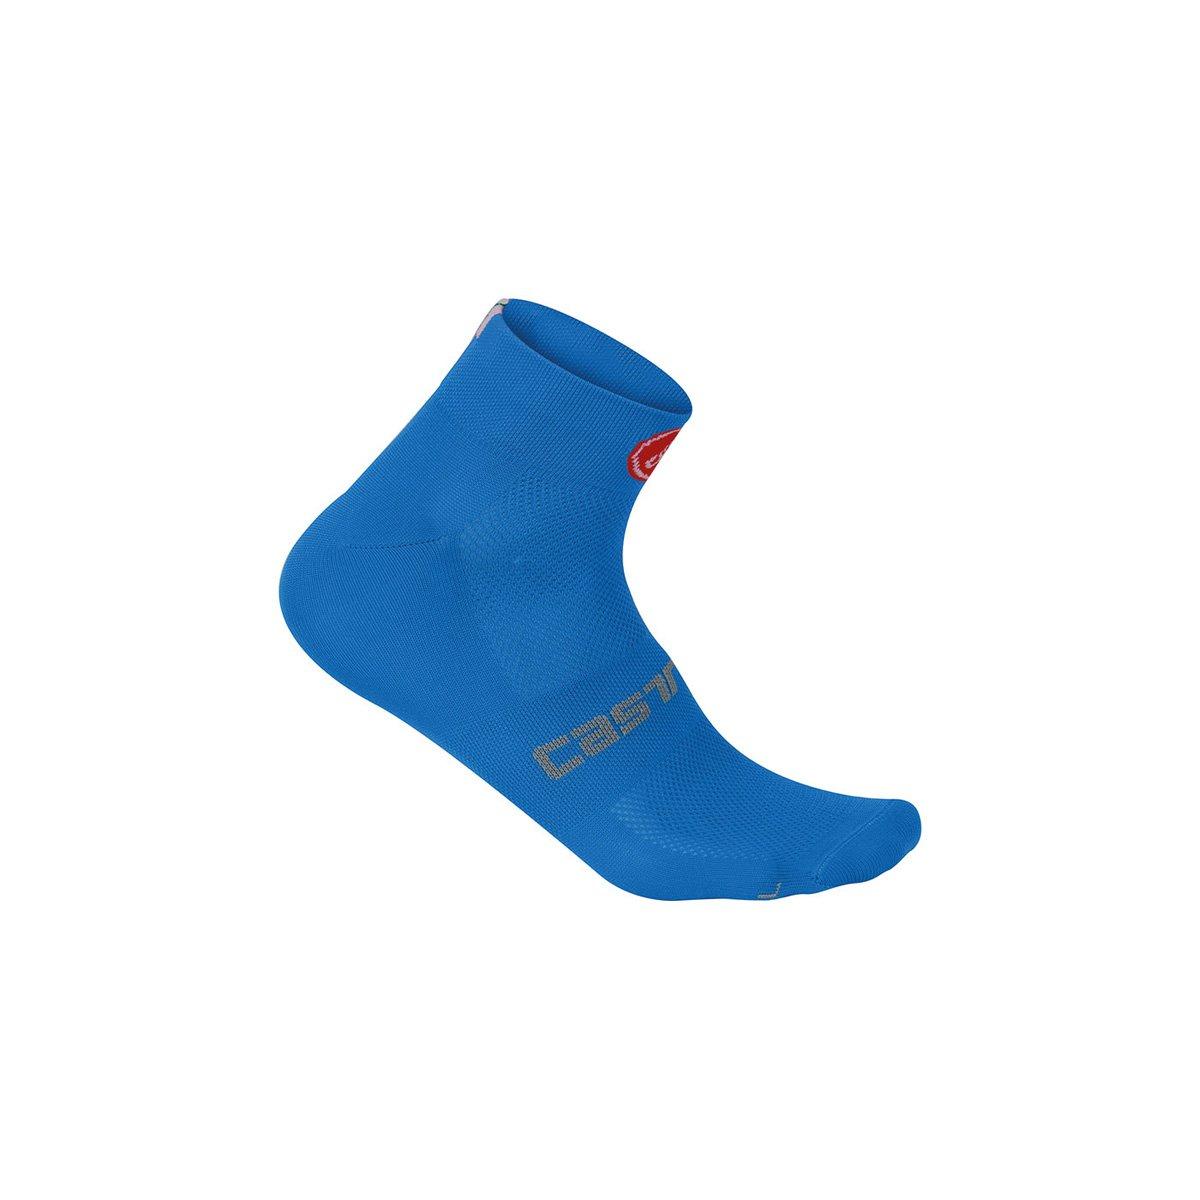 Castelli 2017 Quatro 3 Cycling Sock R16030